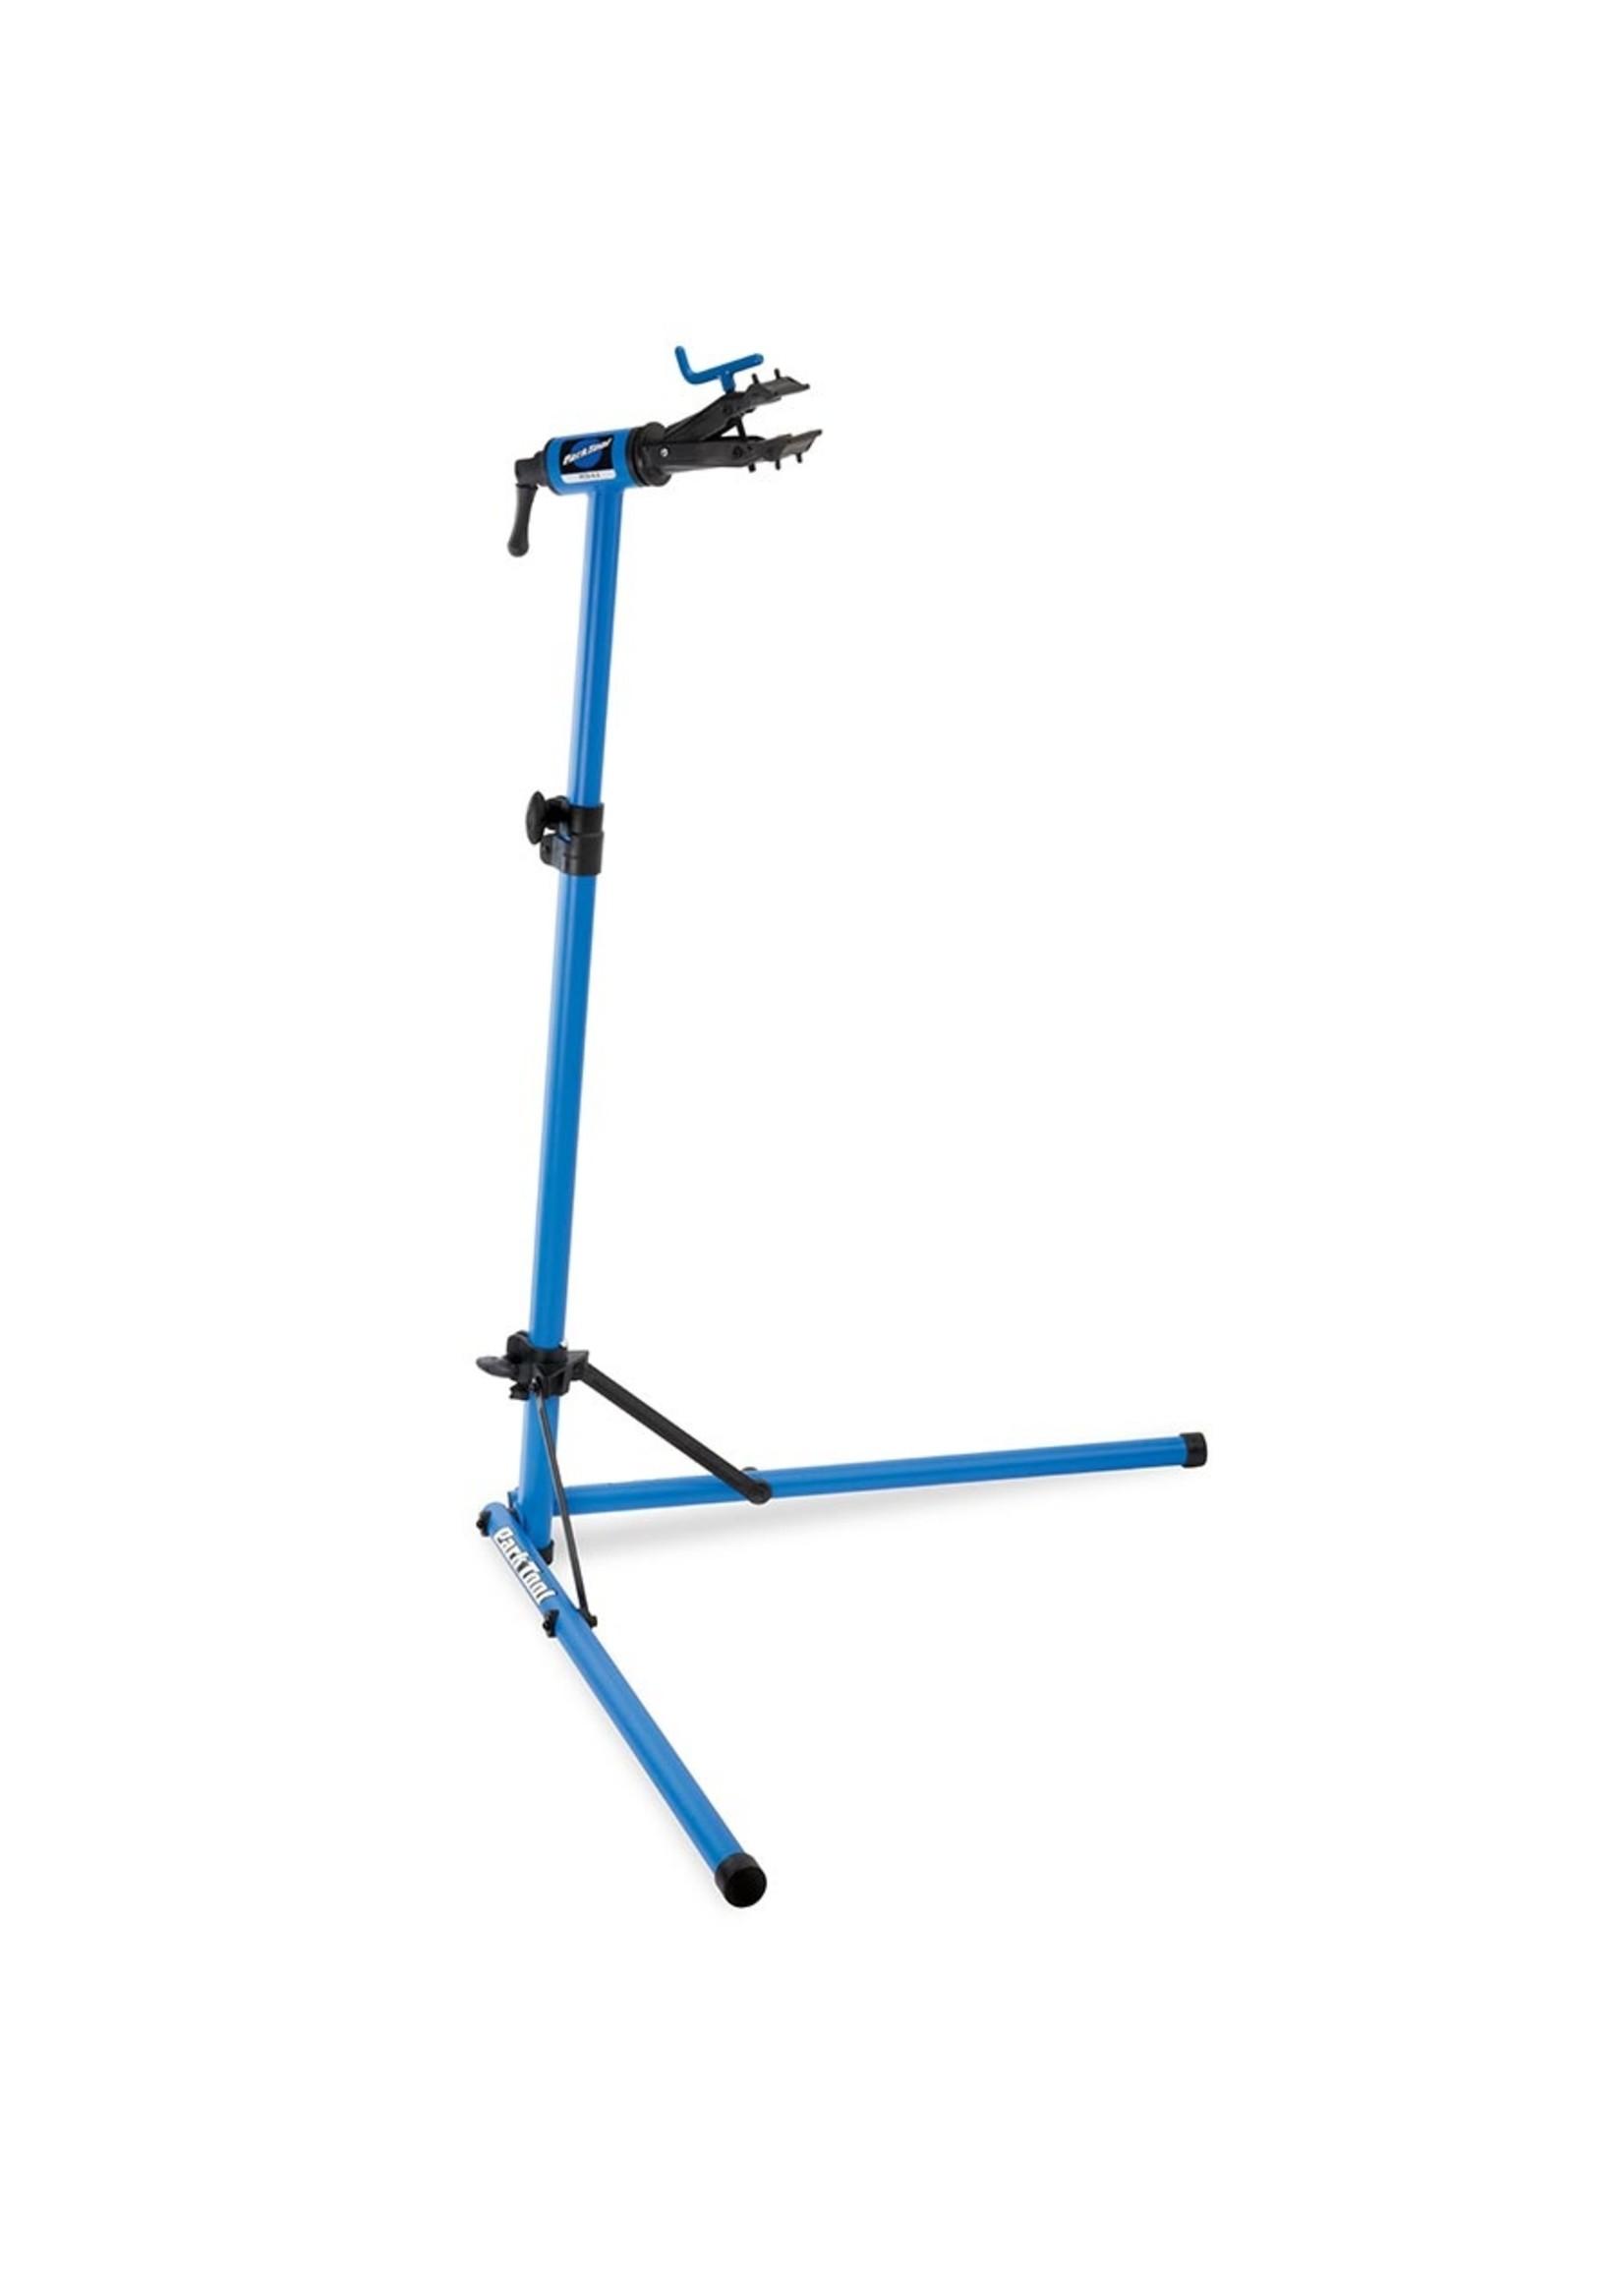 Park Tool, PCS-9.3, Portable Repair Stand